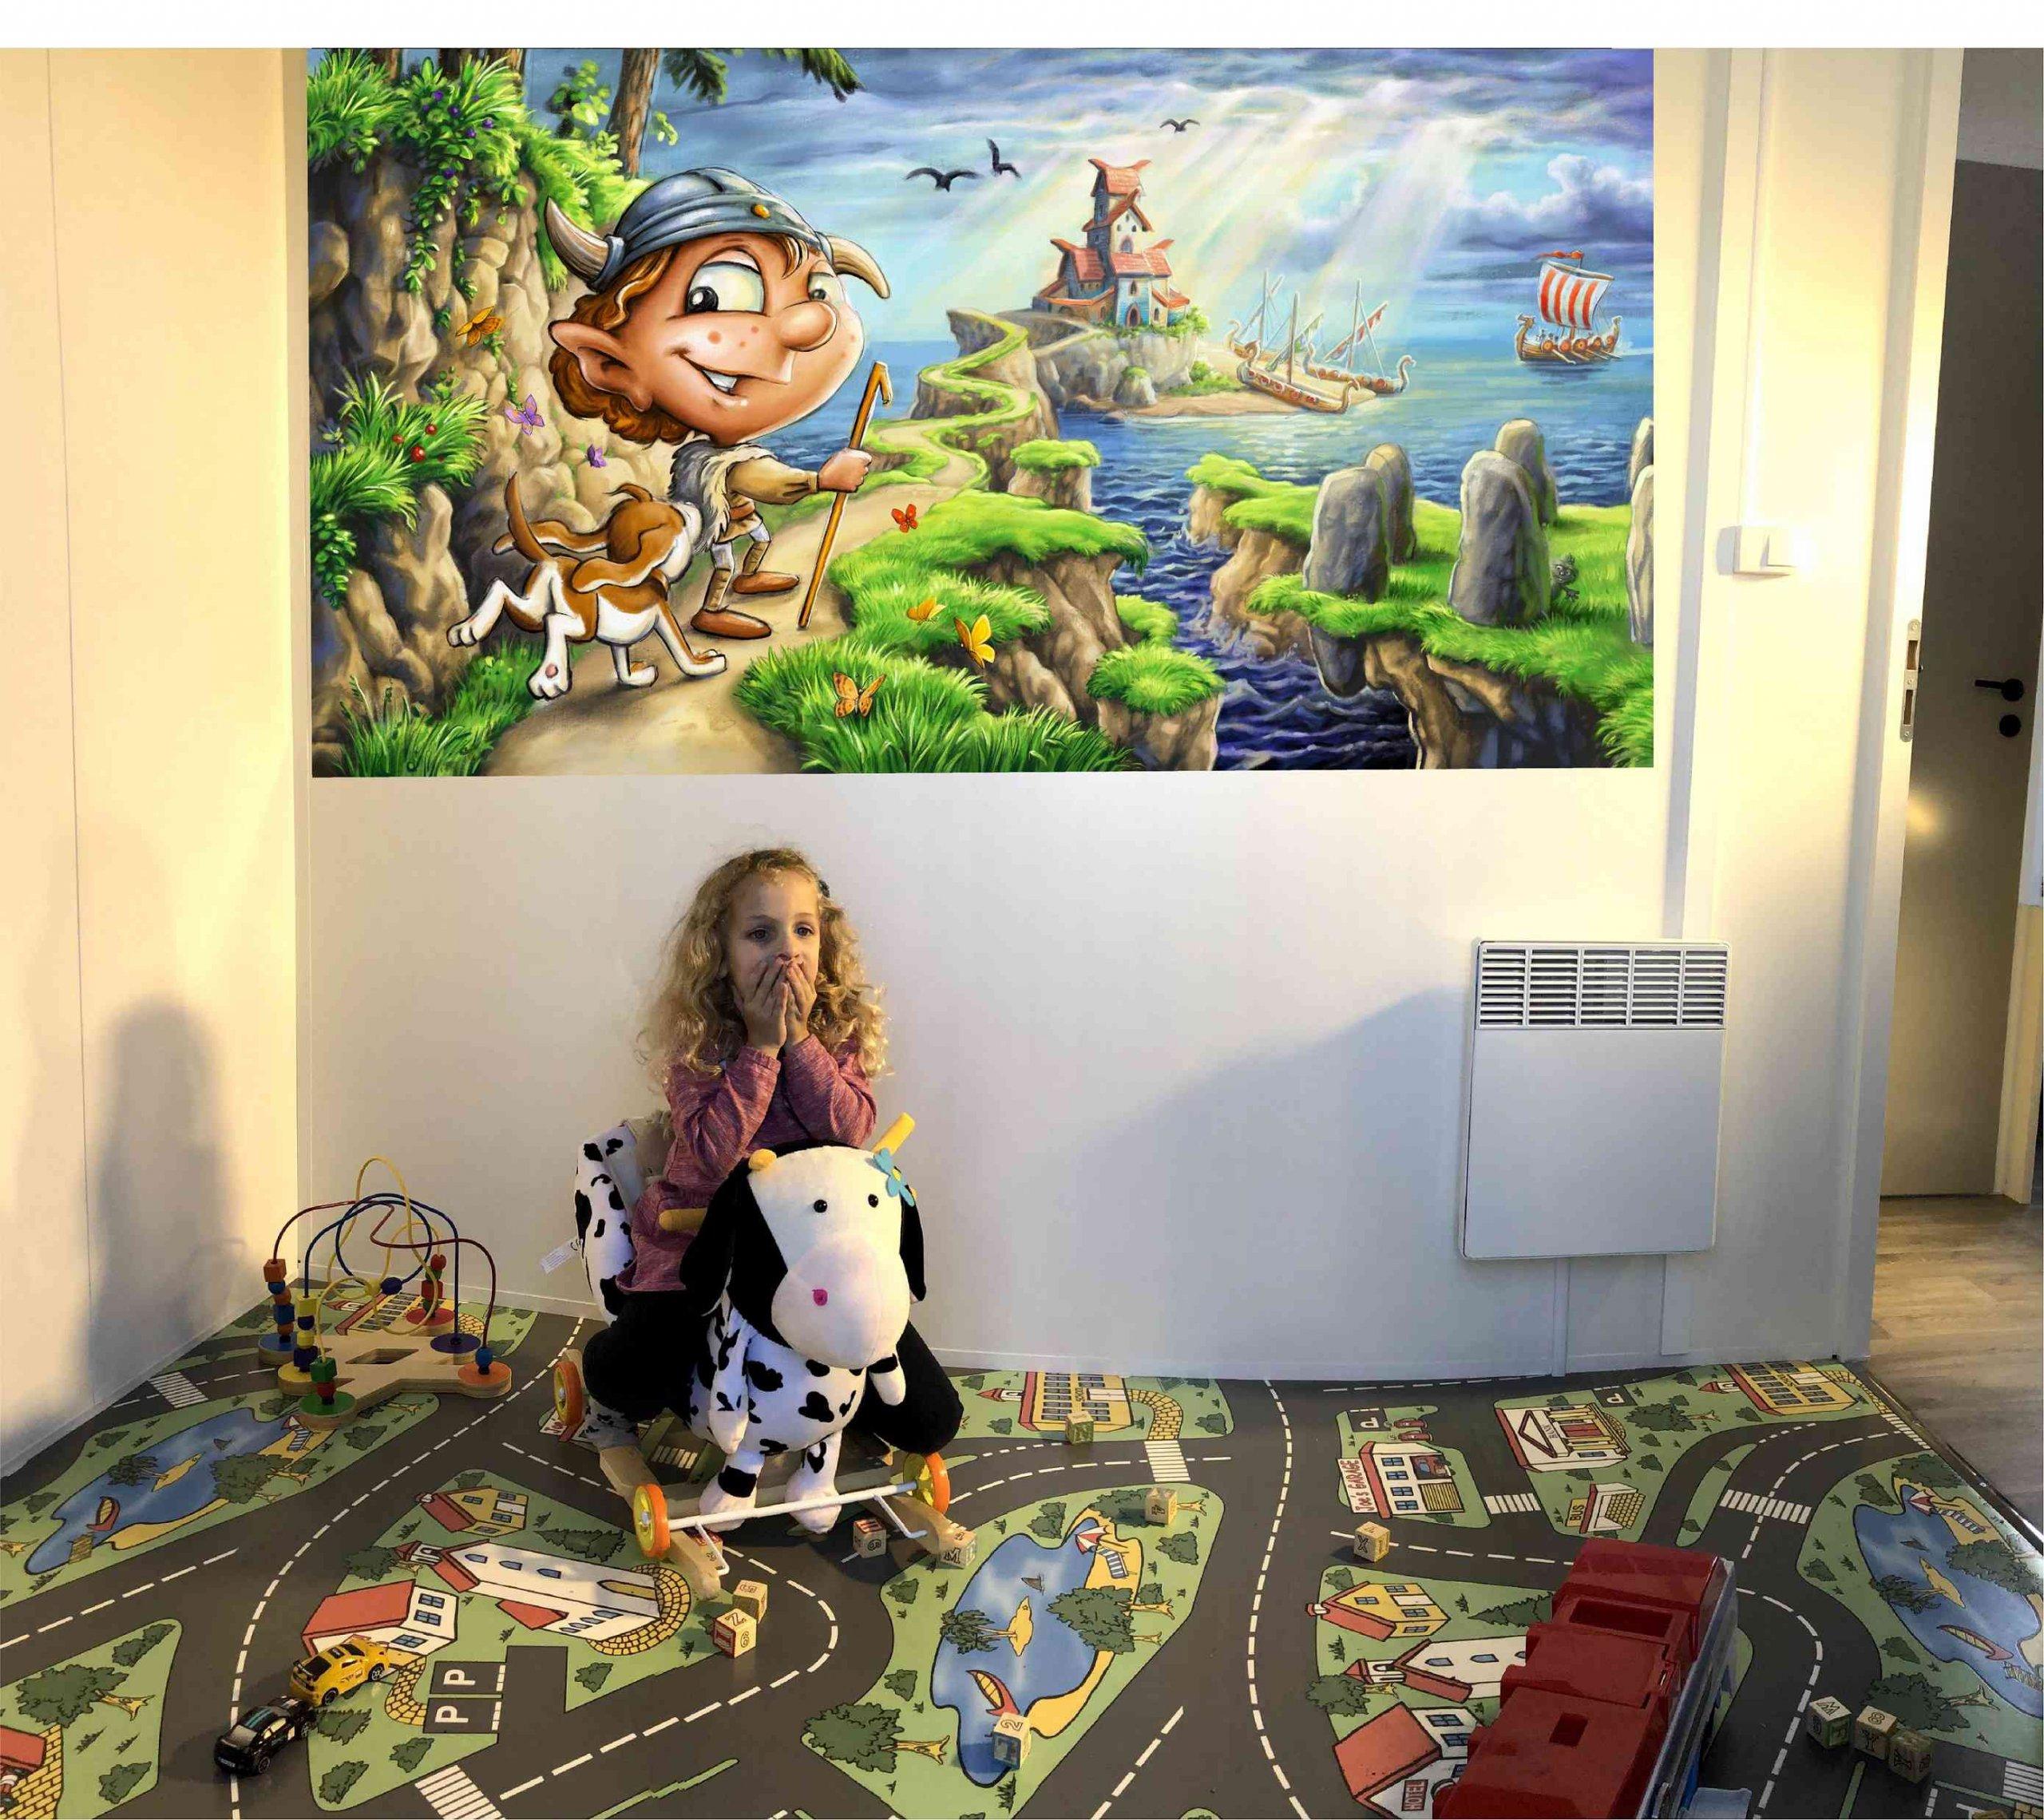 Kids Mobilheim 5 Personen, für Familien mit kleinen Kindern! - Kids Mobilheim 5 Personen